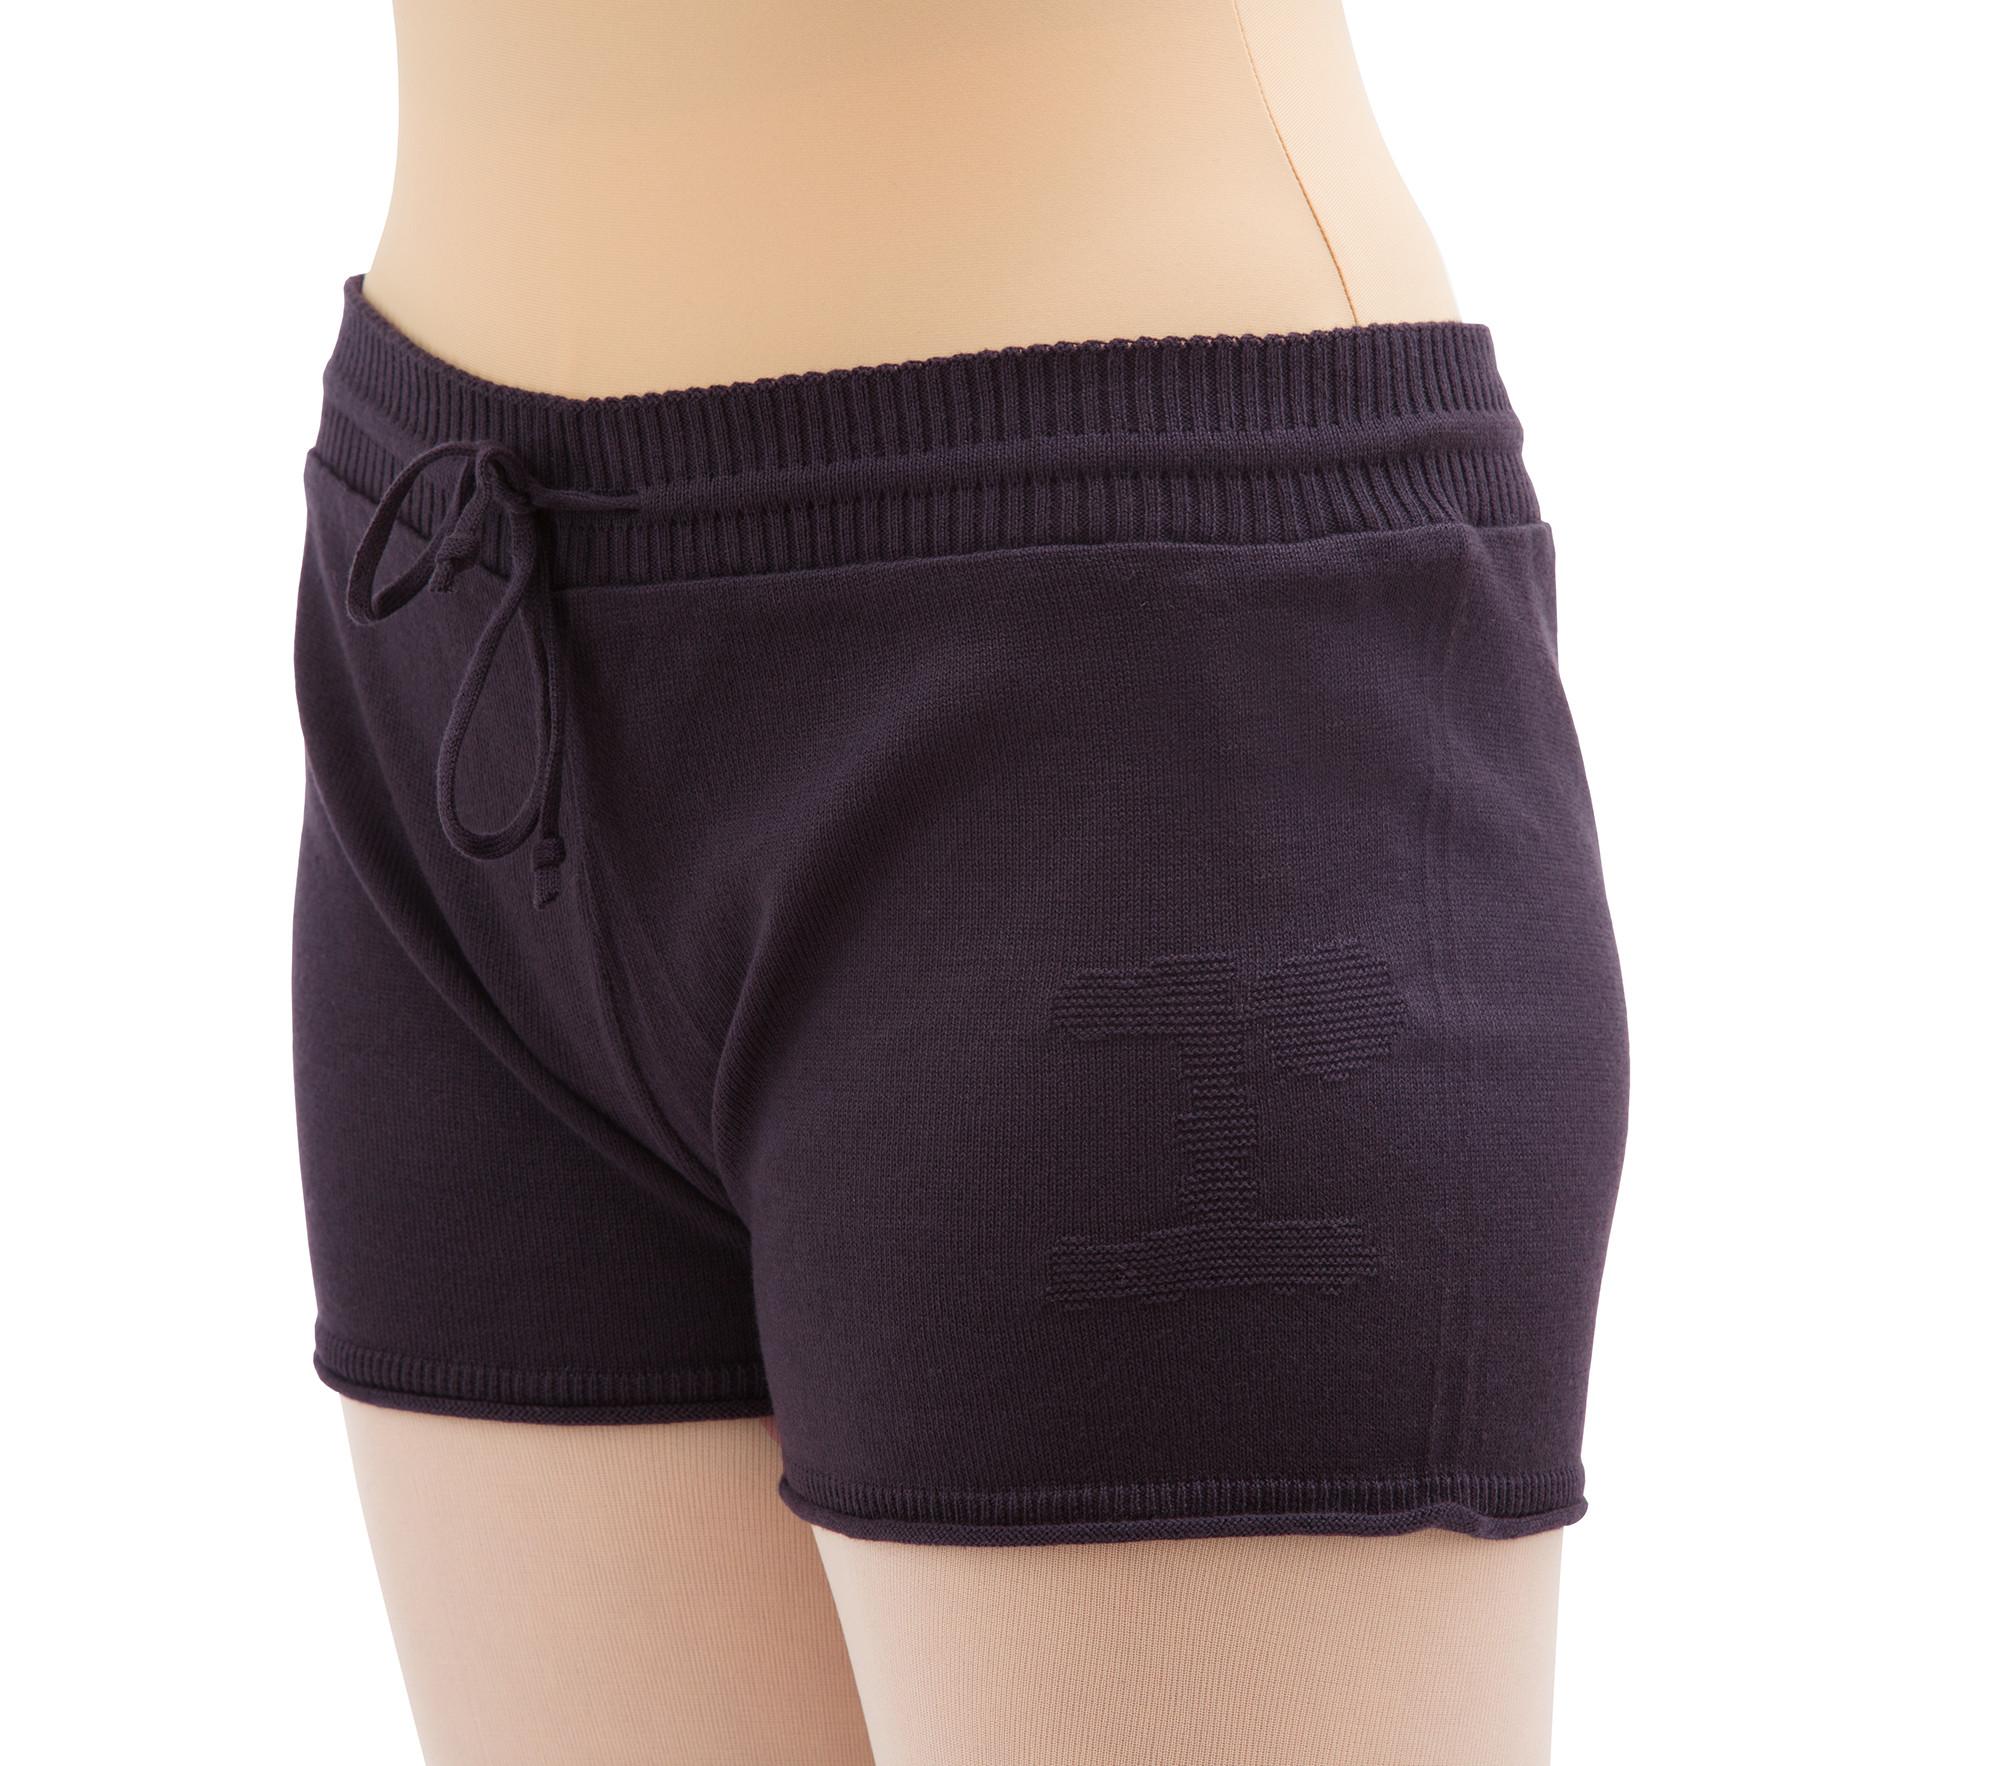 Pantaloncini per riscaldamento